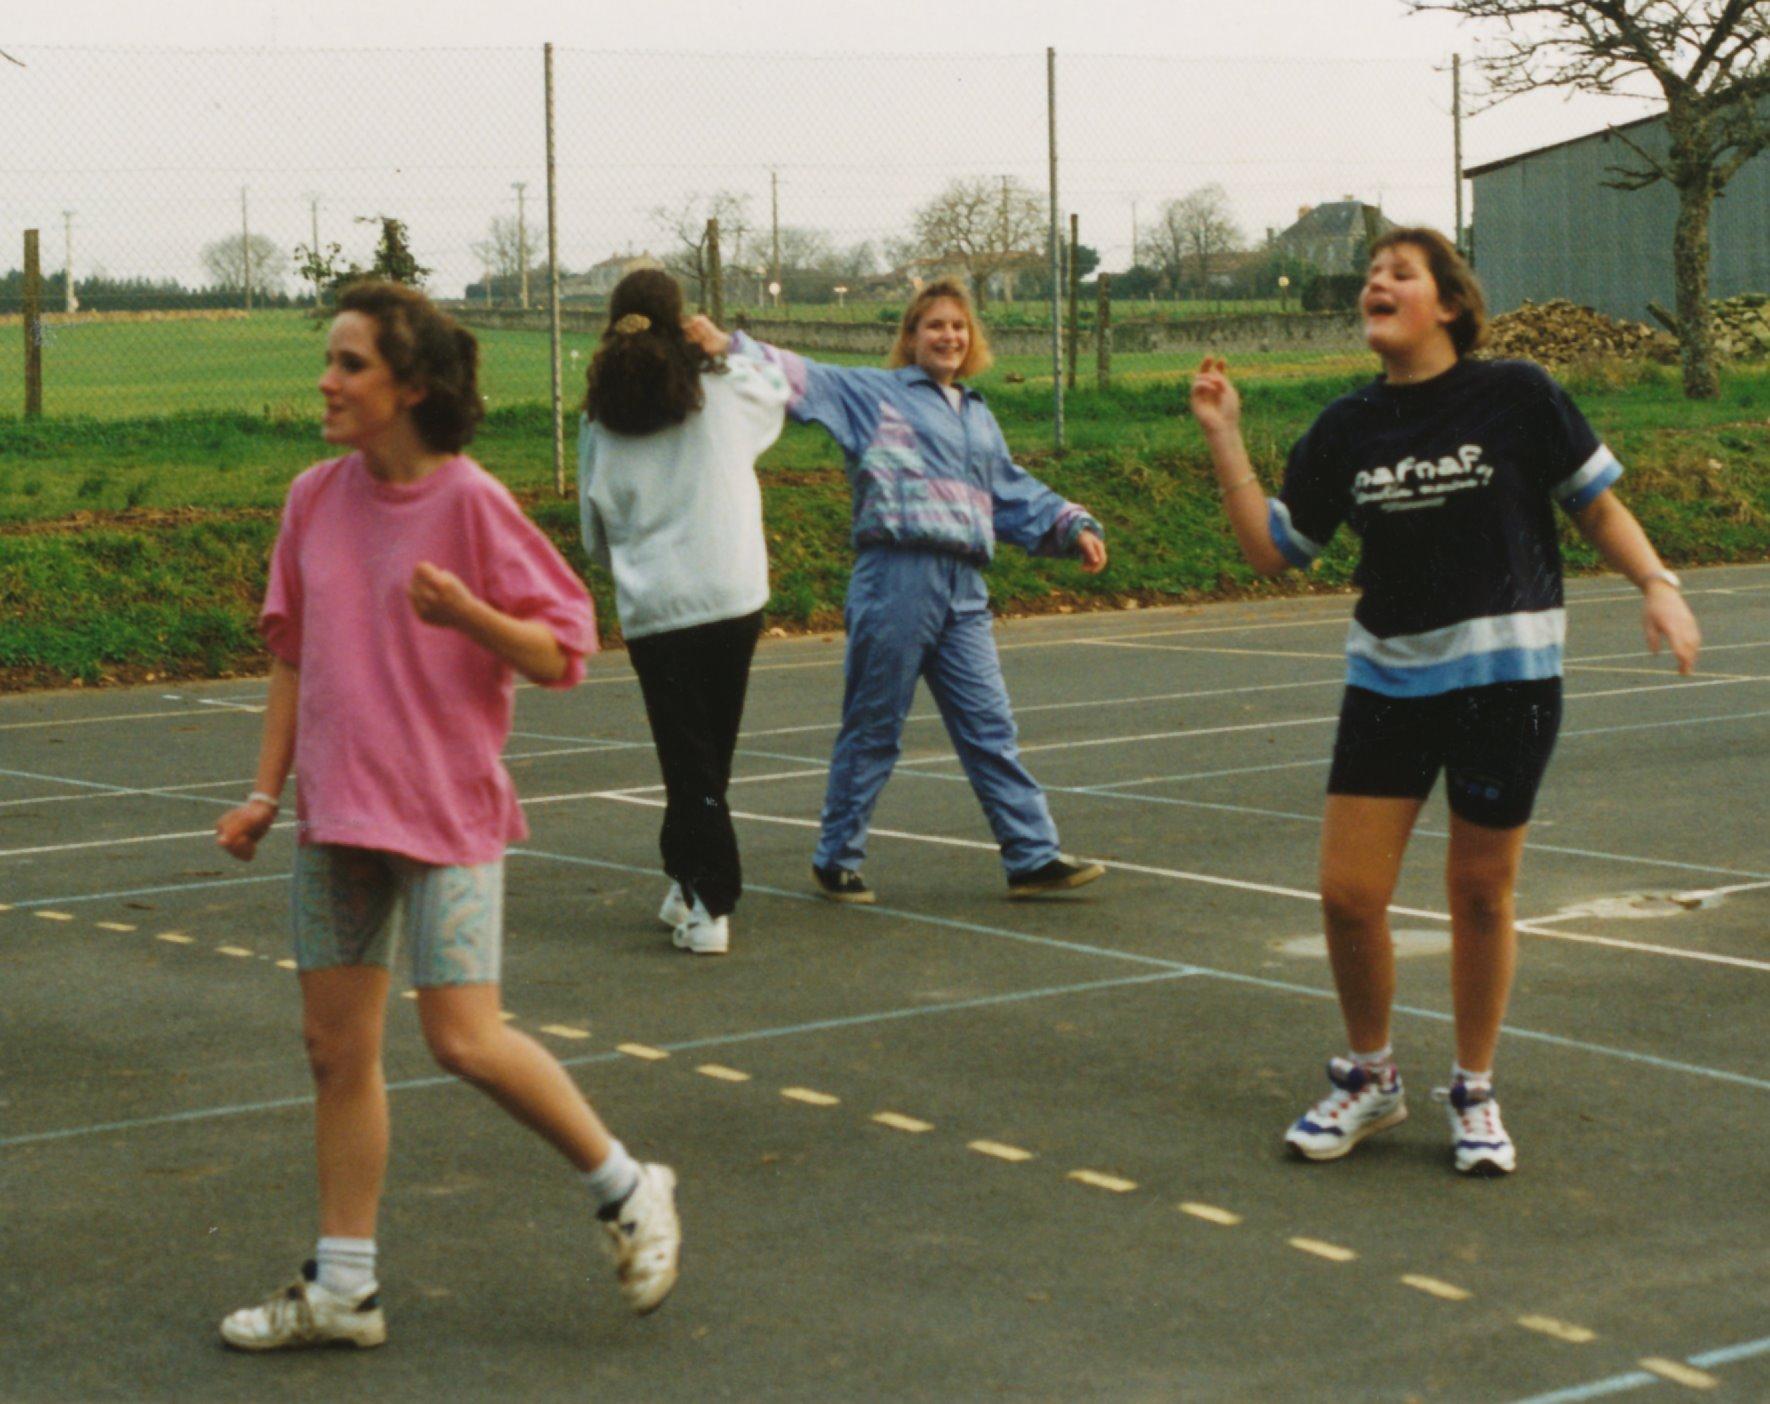 Archives anciens élèves mfr puy-sec 1995 (7)